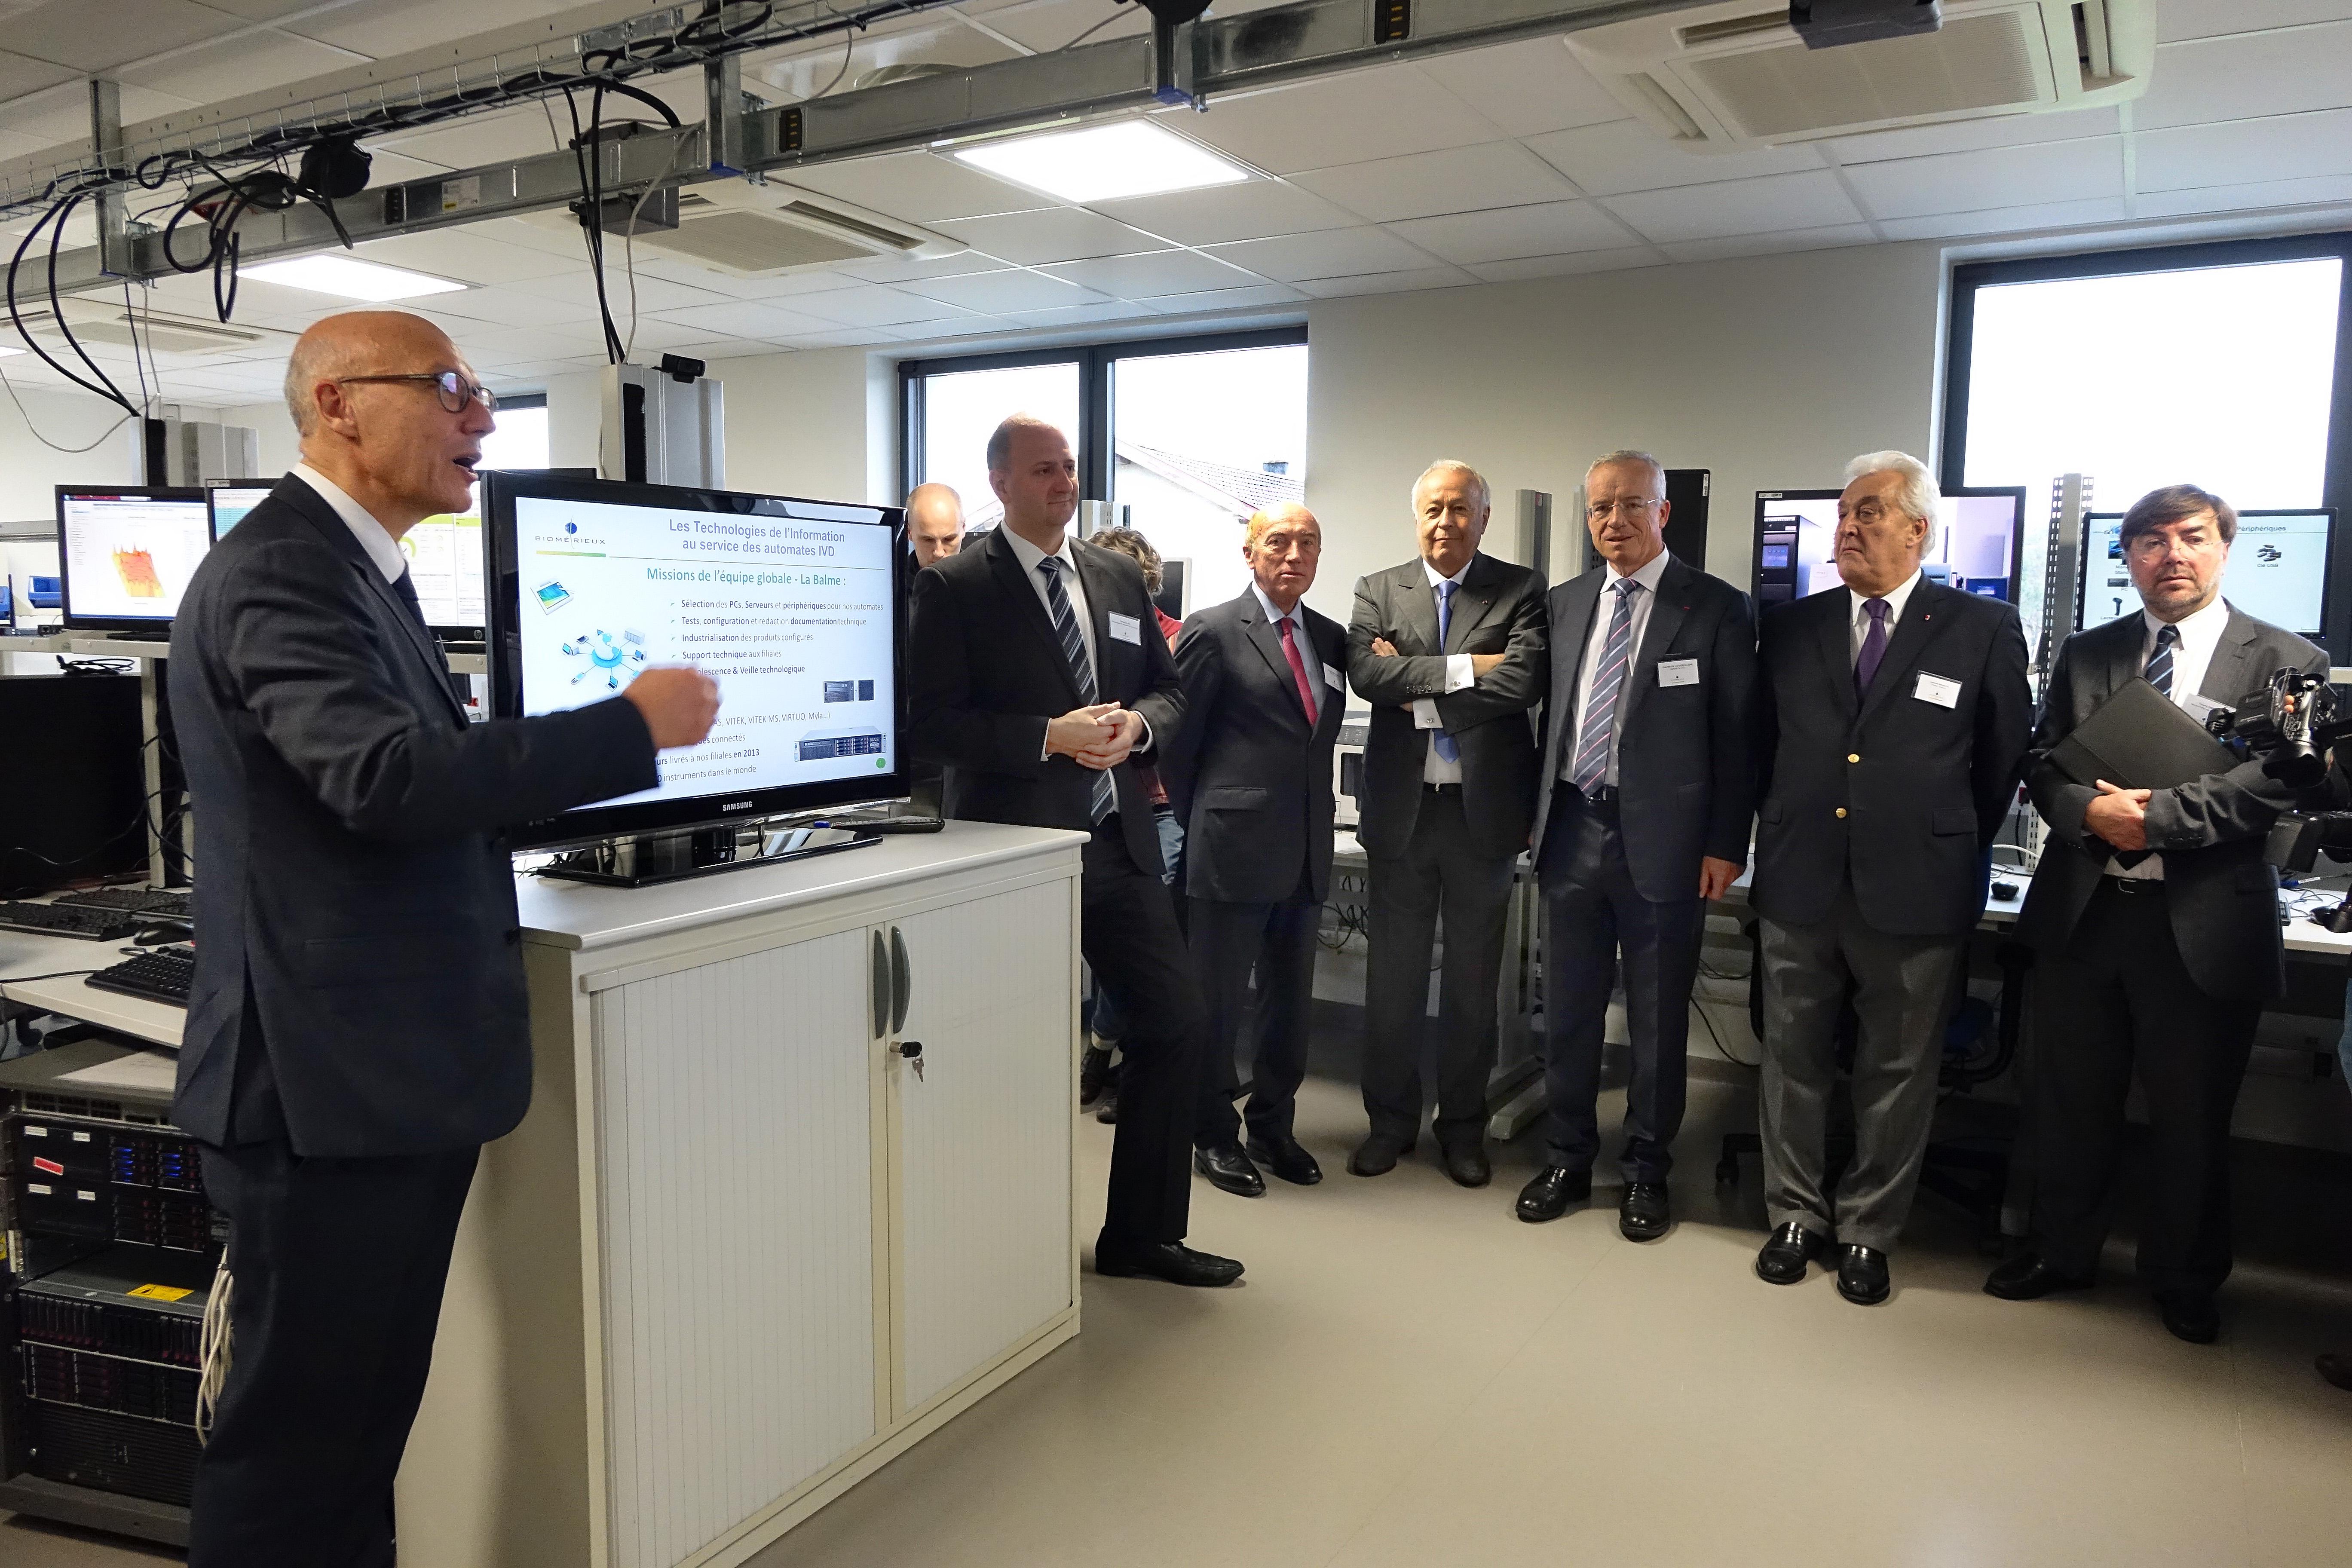 inauguration d'un centre de recherche